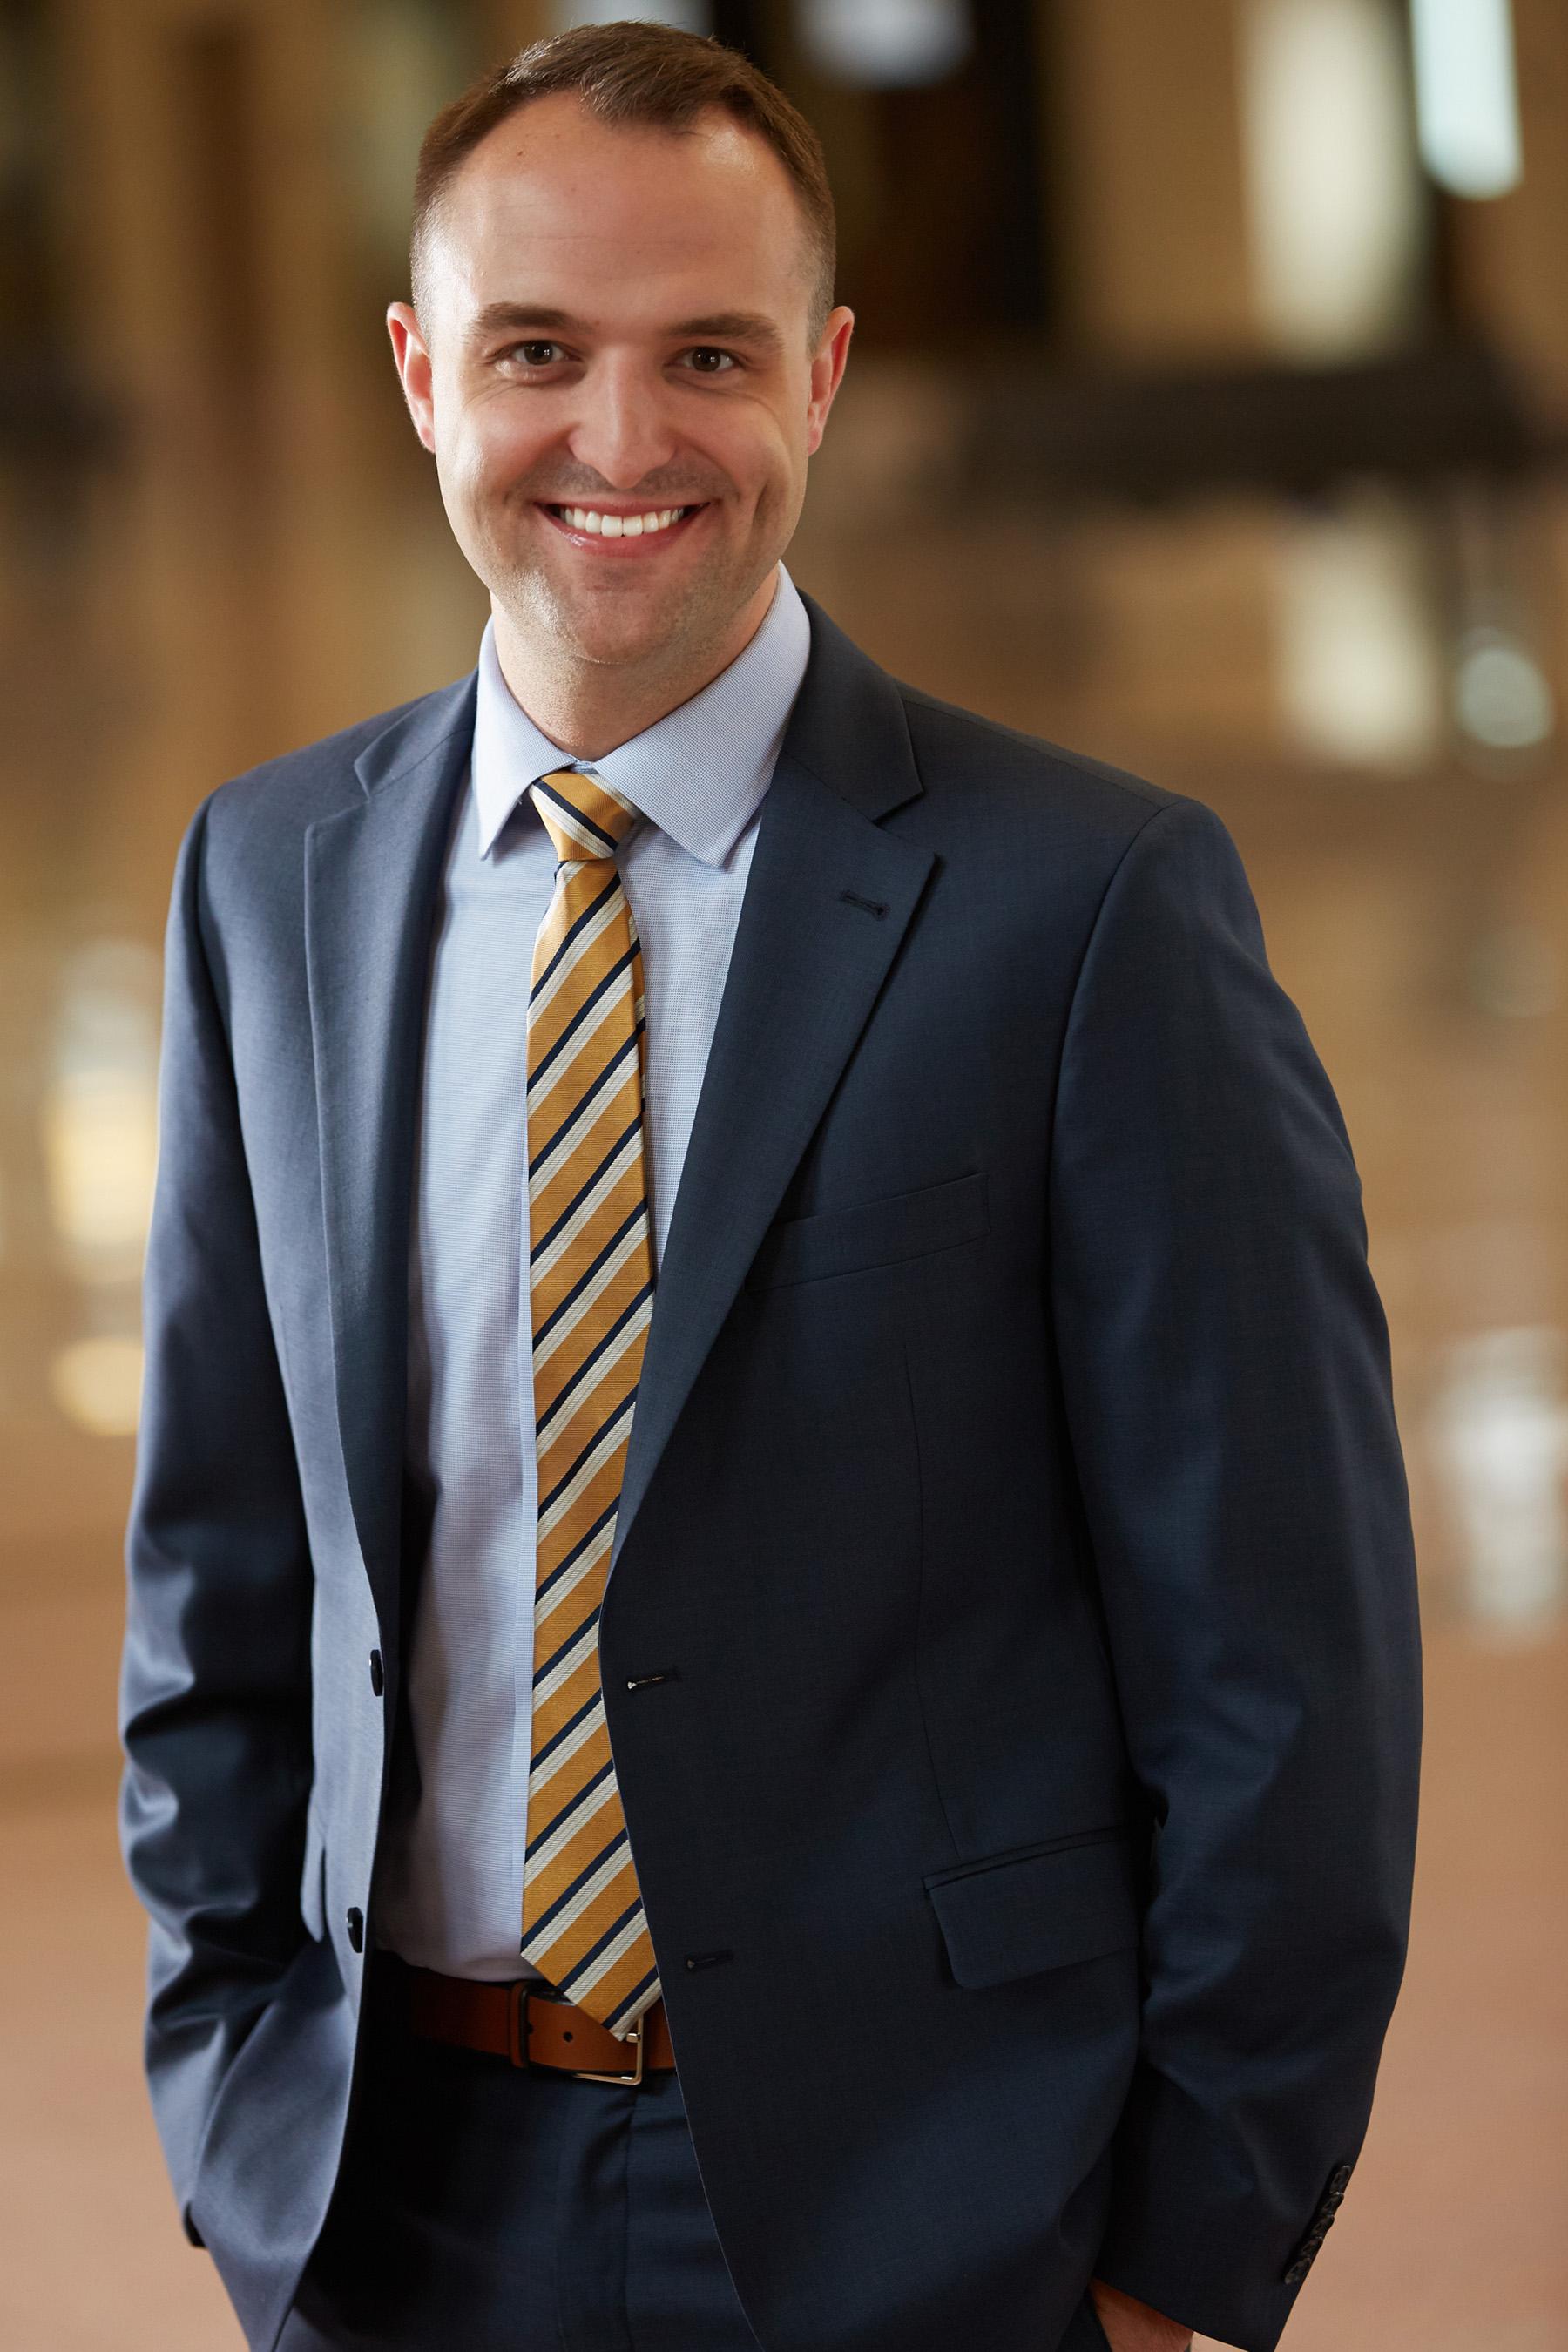 Jake Loesch